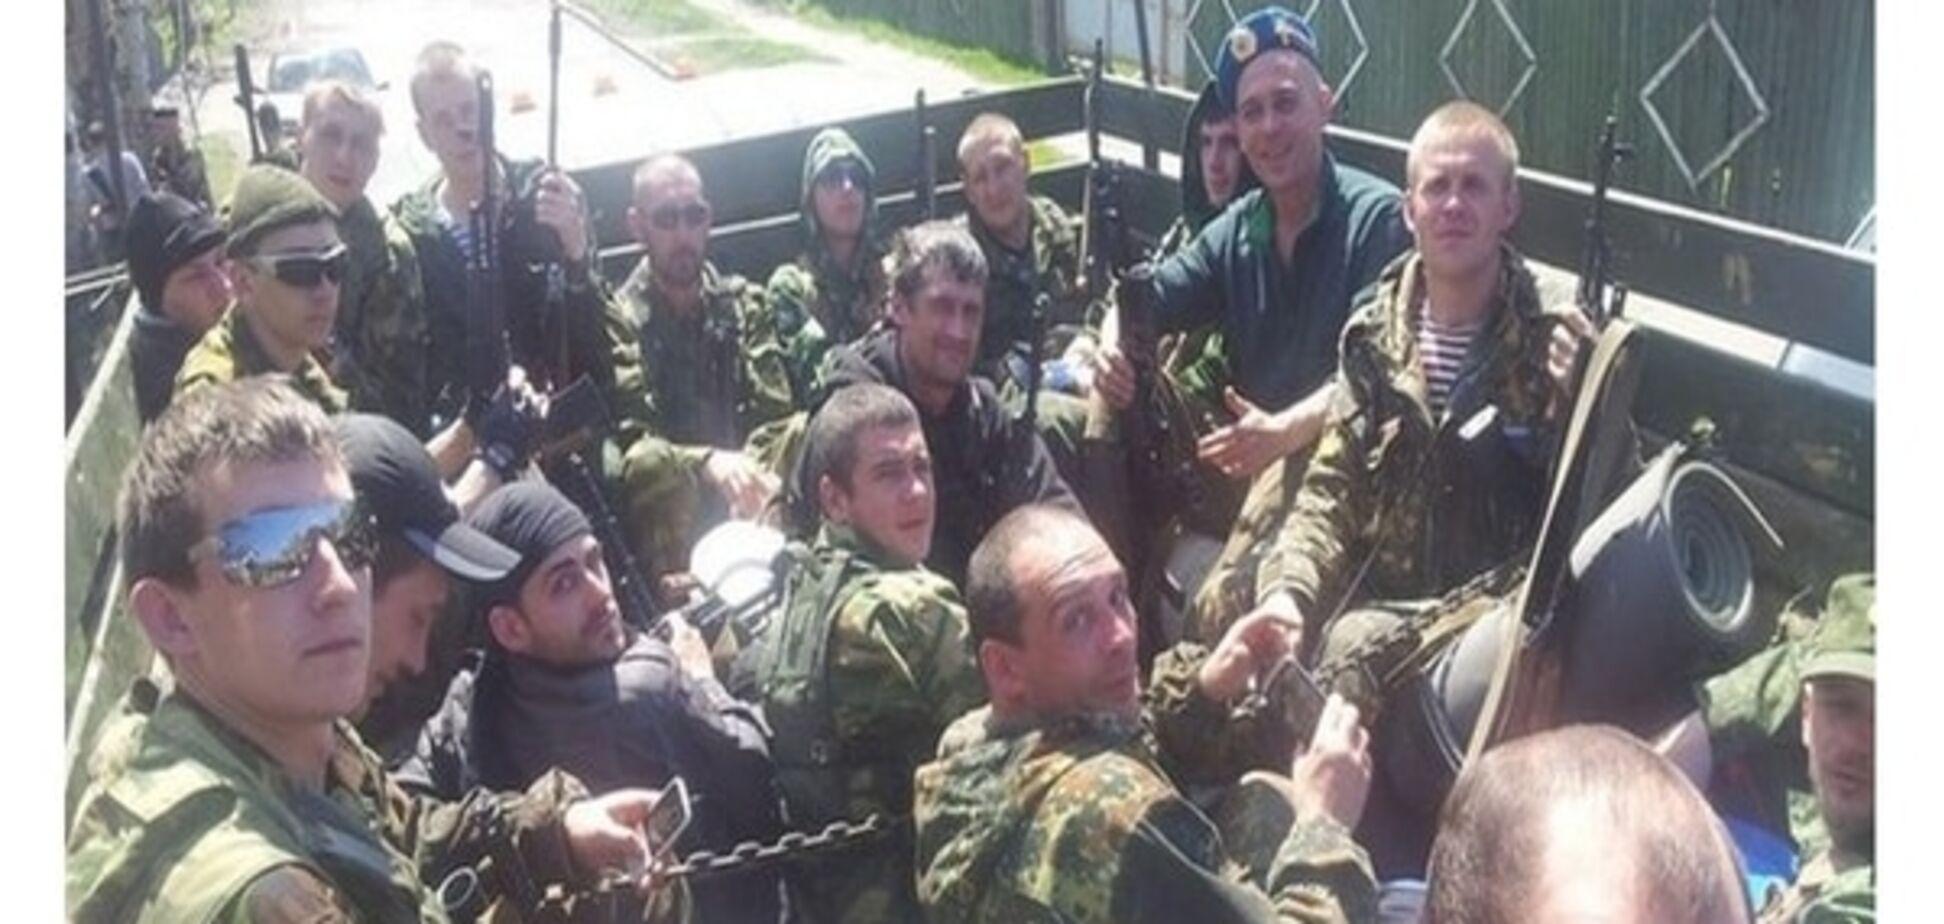 Контракт в 'армію шахтарів Донбасу' оформили в російському військкоматі